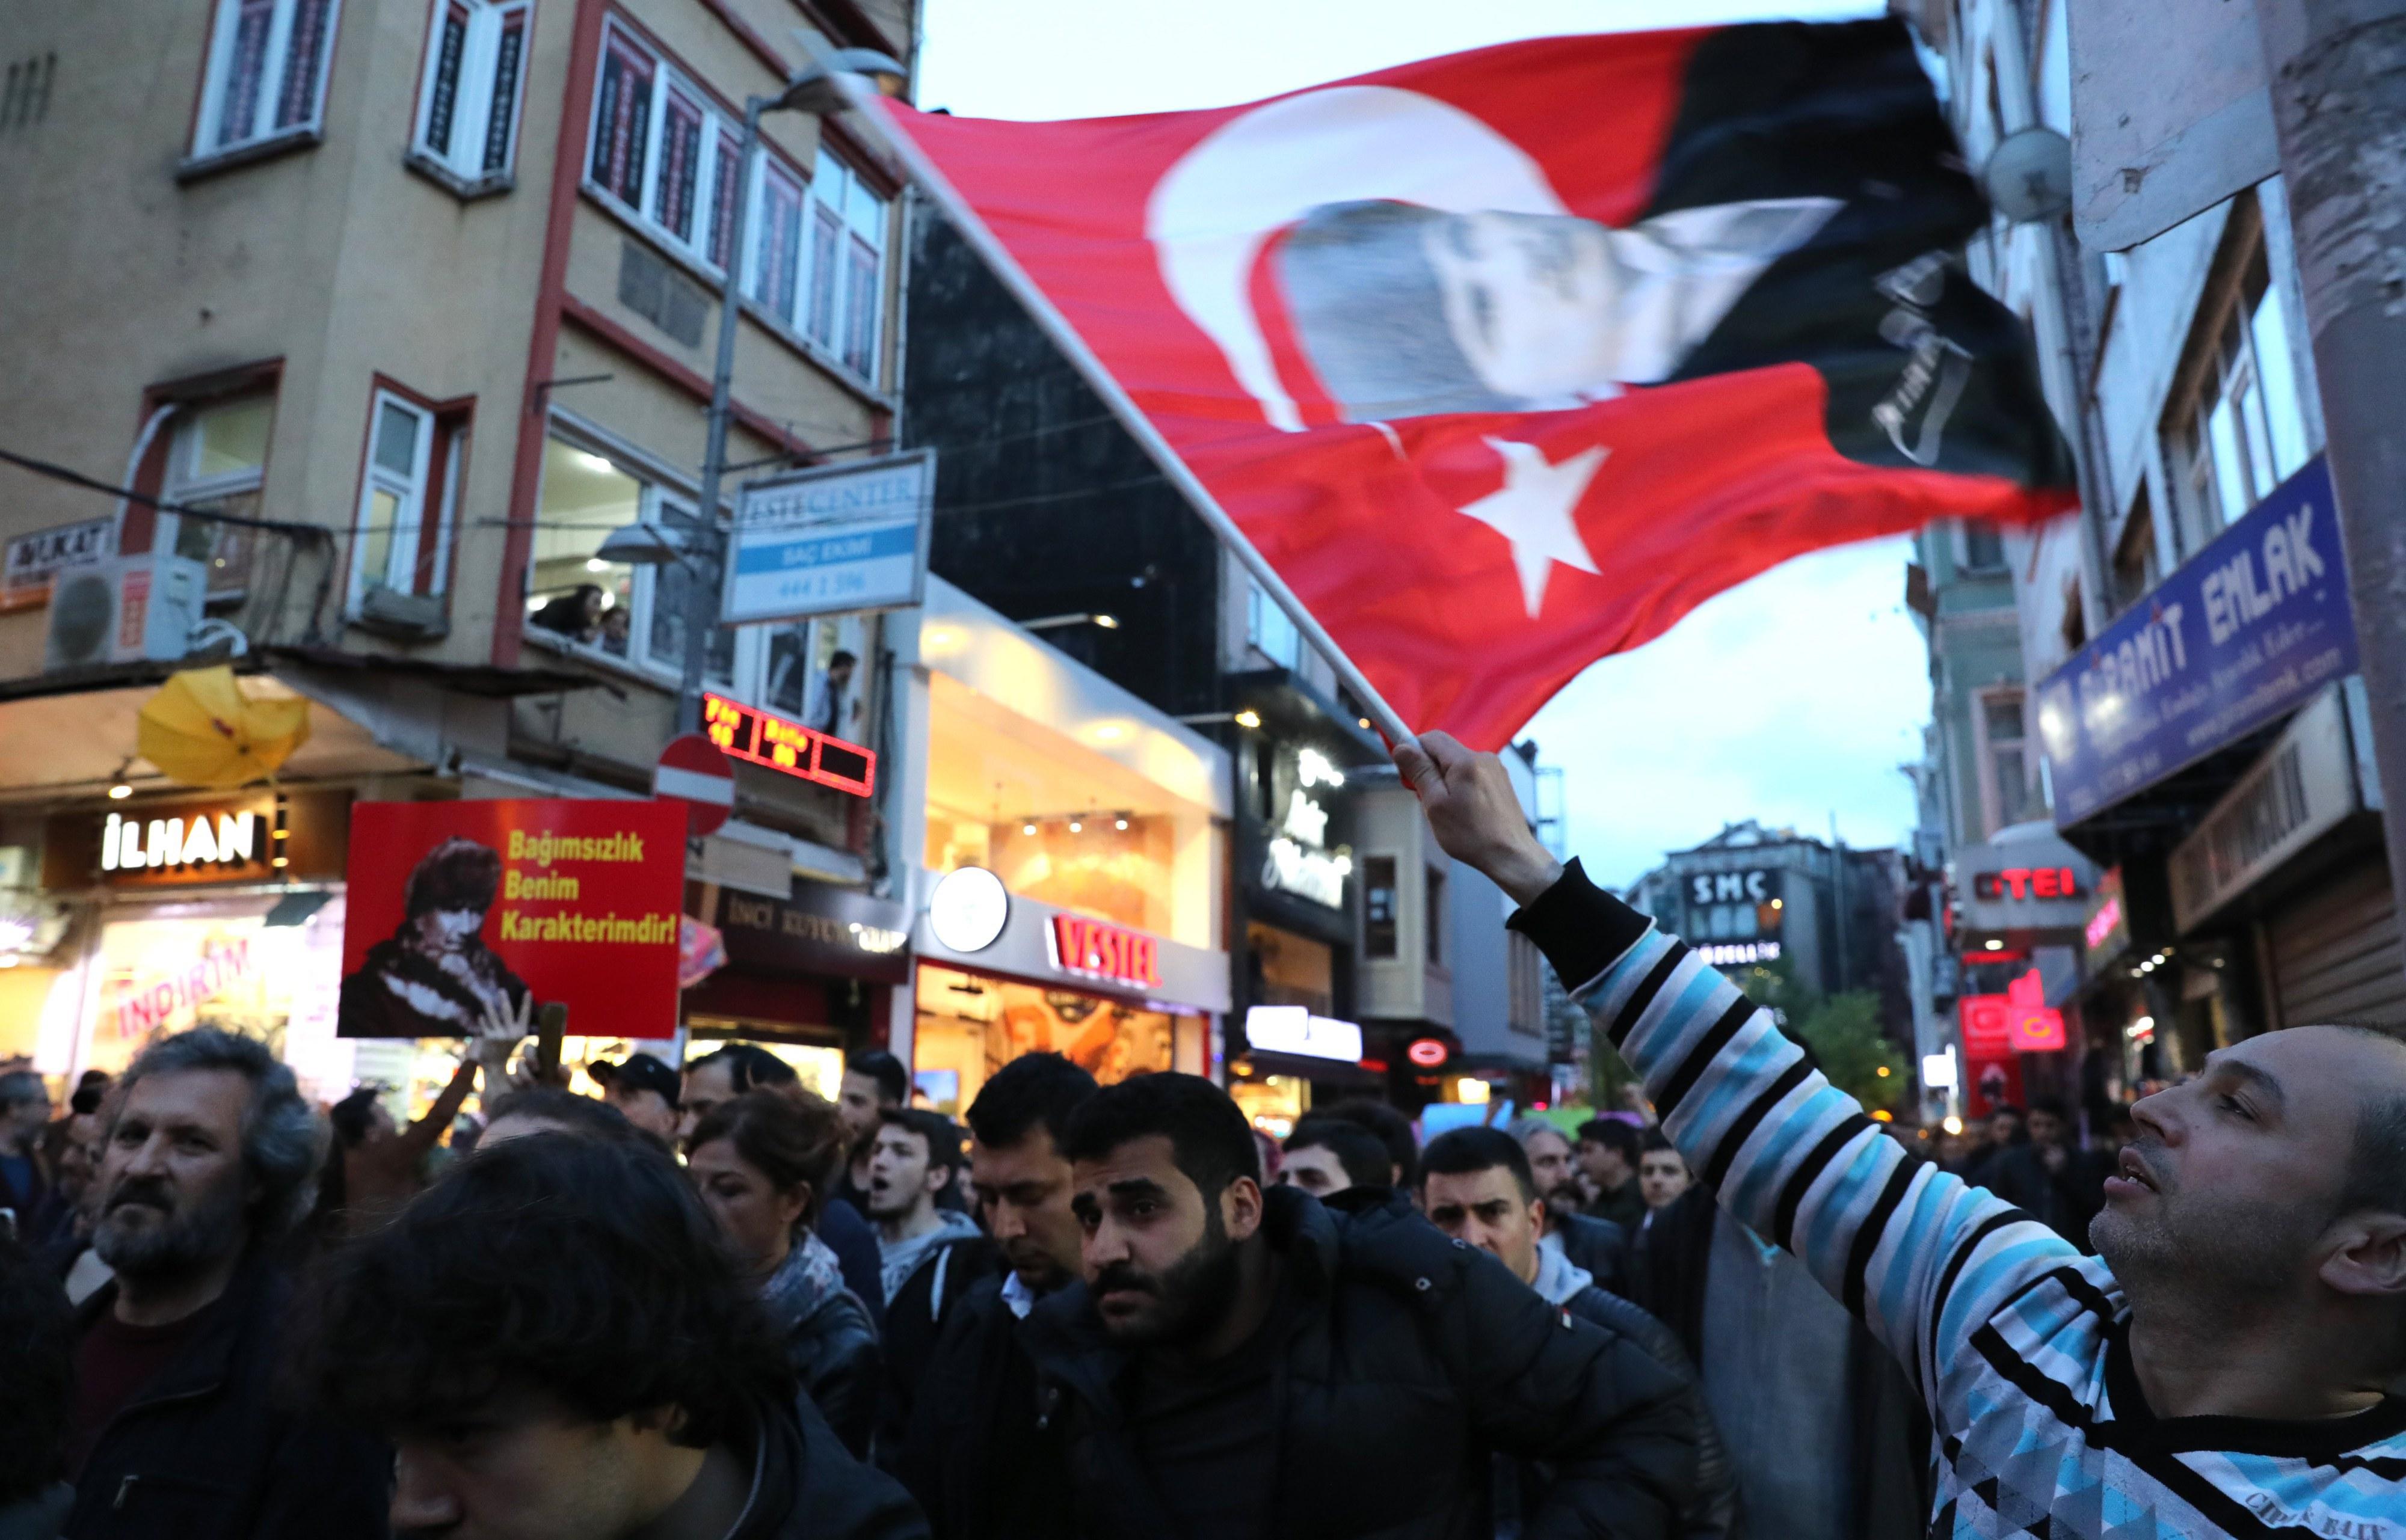 Partido turco no poder prepara congresso extraordinário para reintegrar Erdogan